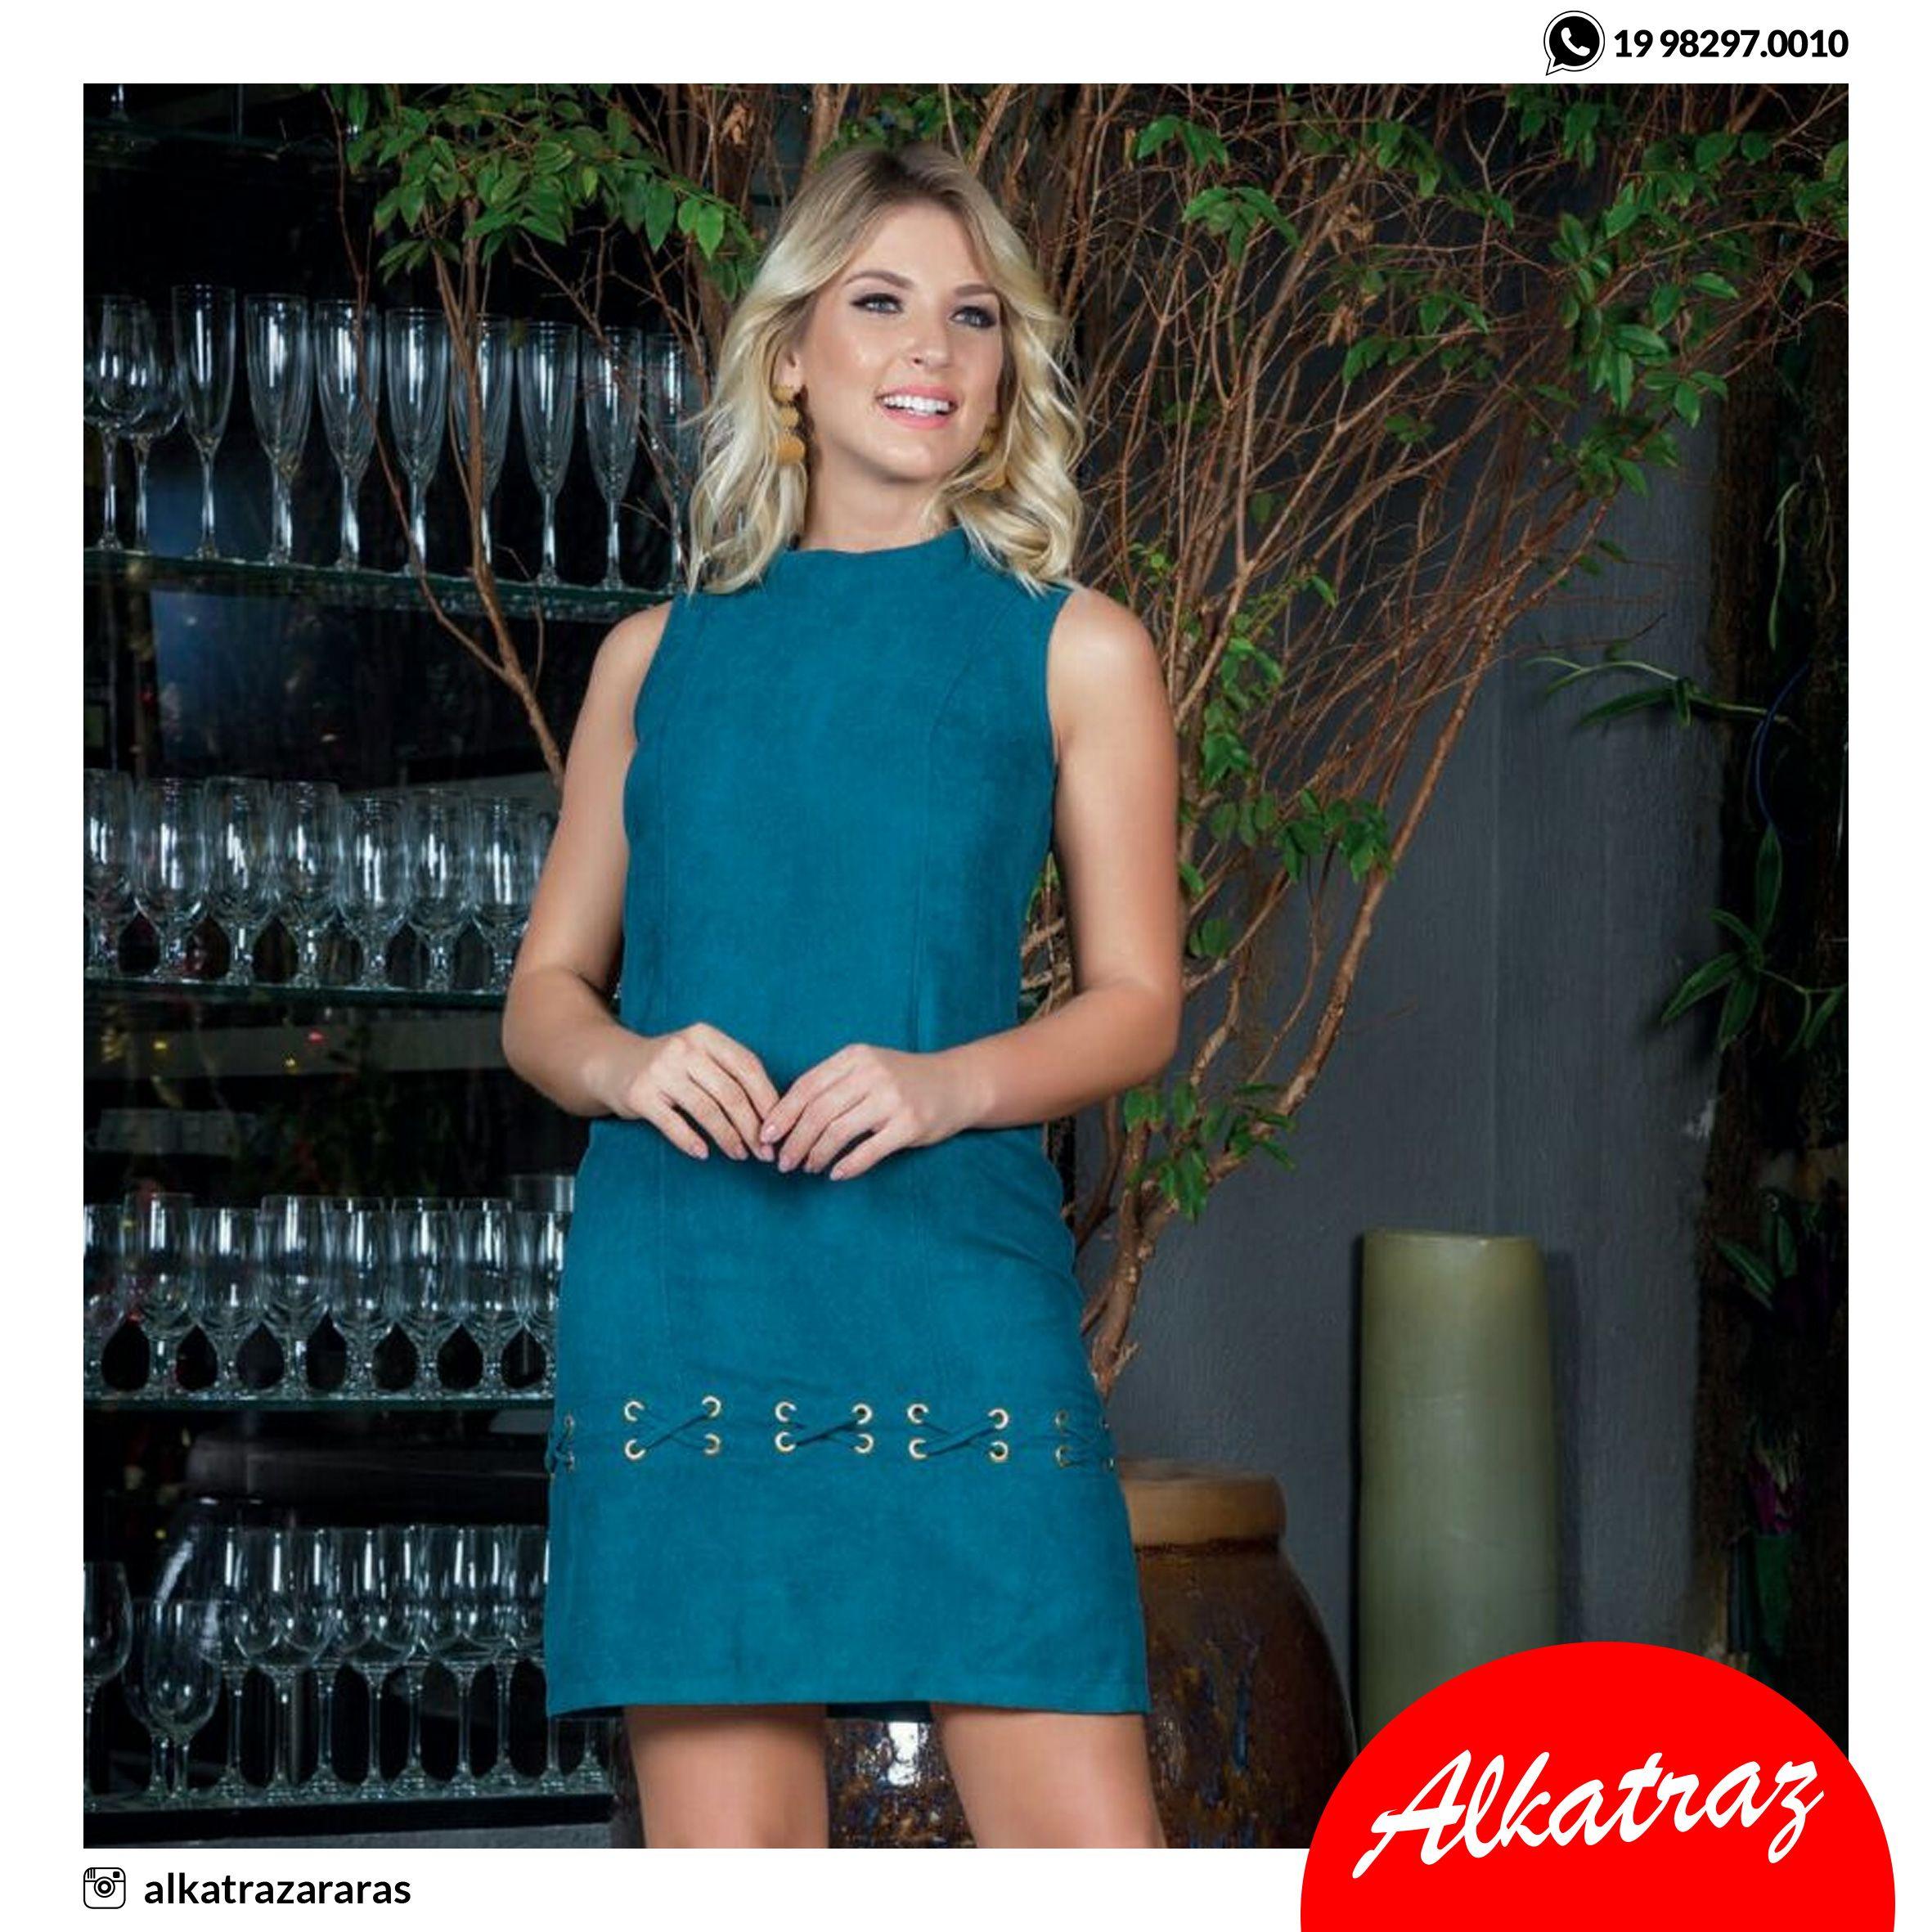 Cheirinho de novidade no ar 😍 #alkatraz #moda #vempraalkatraz #araras #estilo